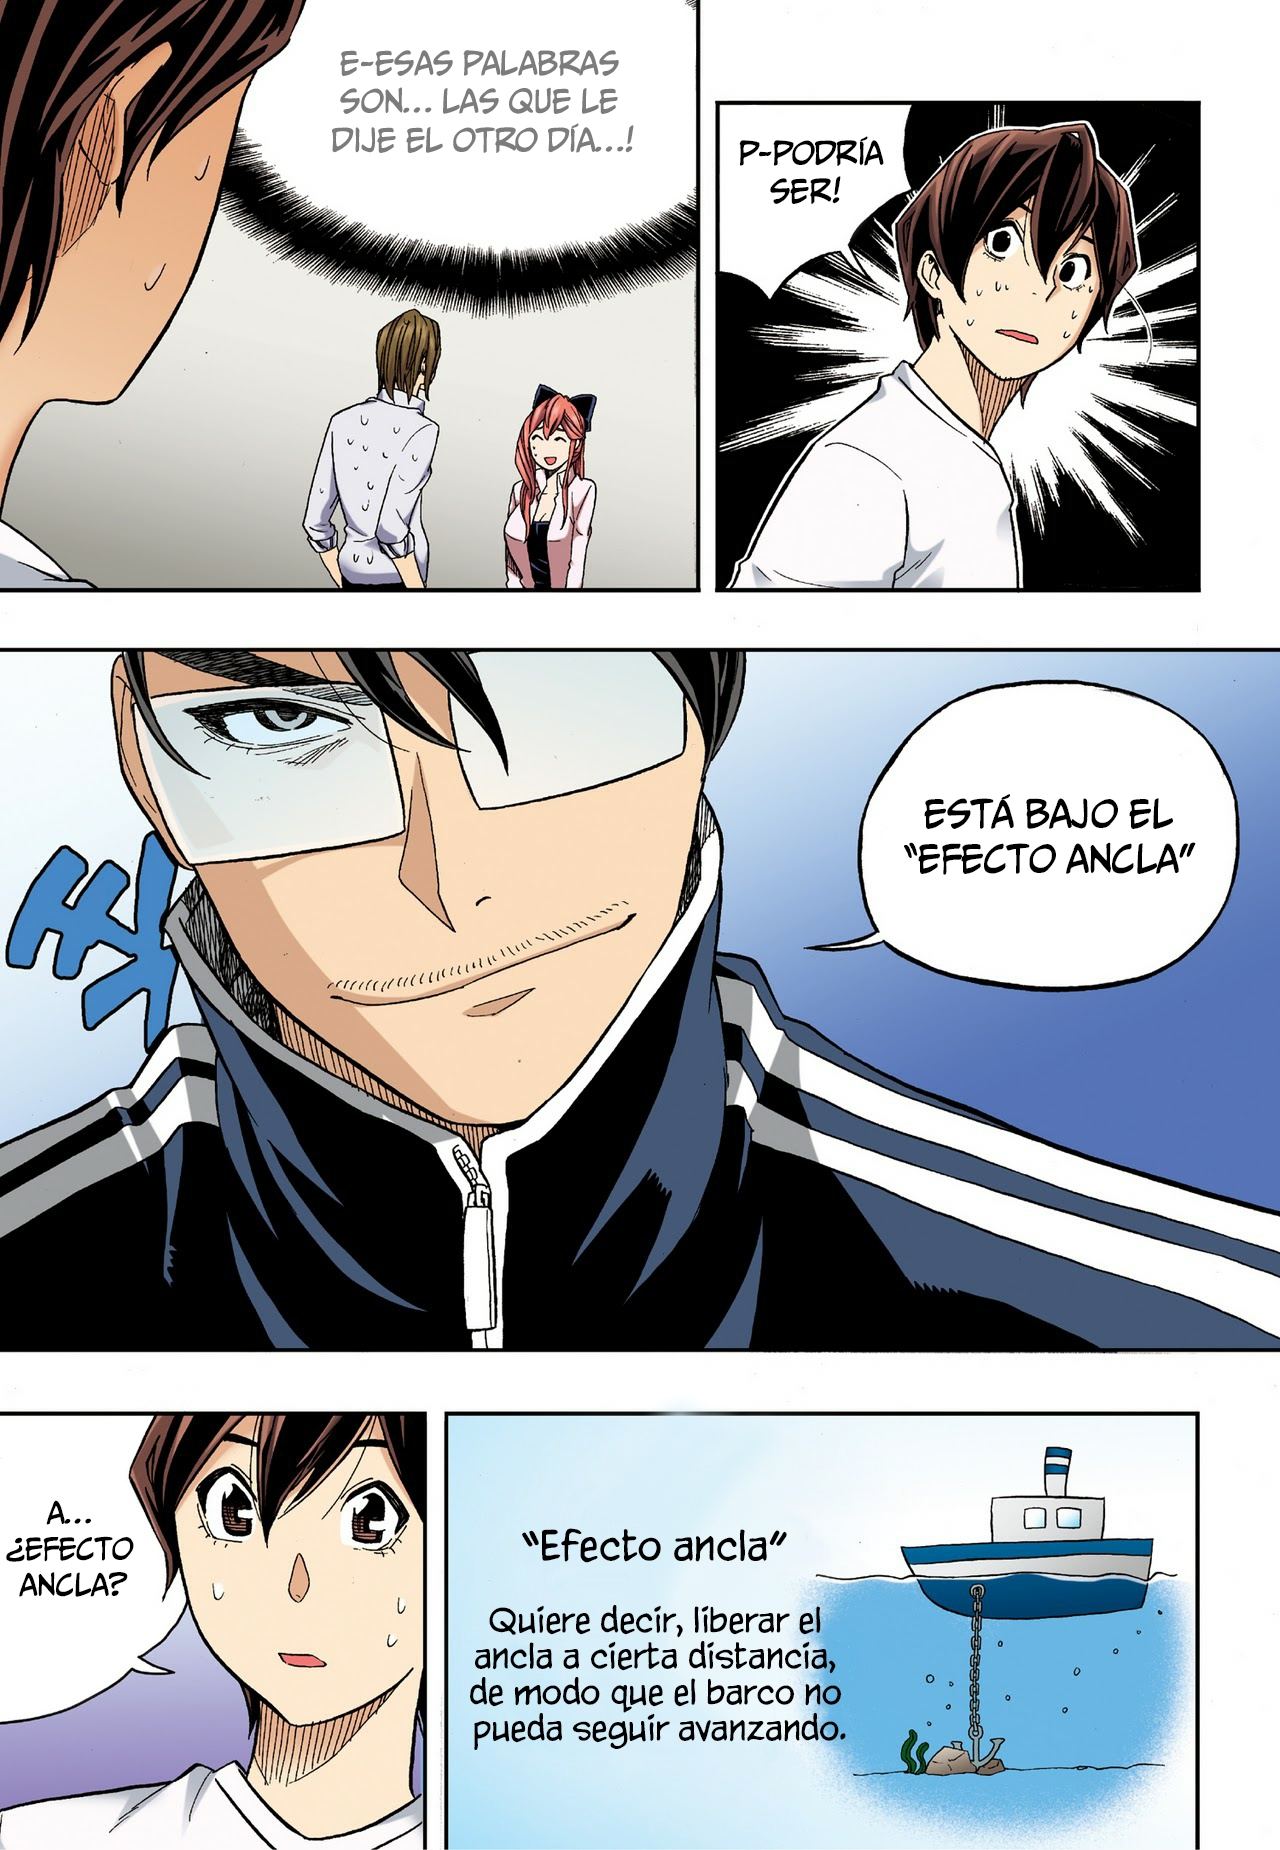 http://c5.ninemanga.com/es_manga/11/14923/418292/c862dd658626745456a301227b189f93.jpg Page 11